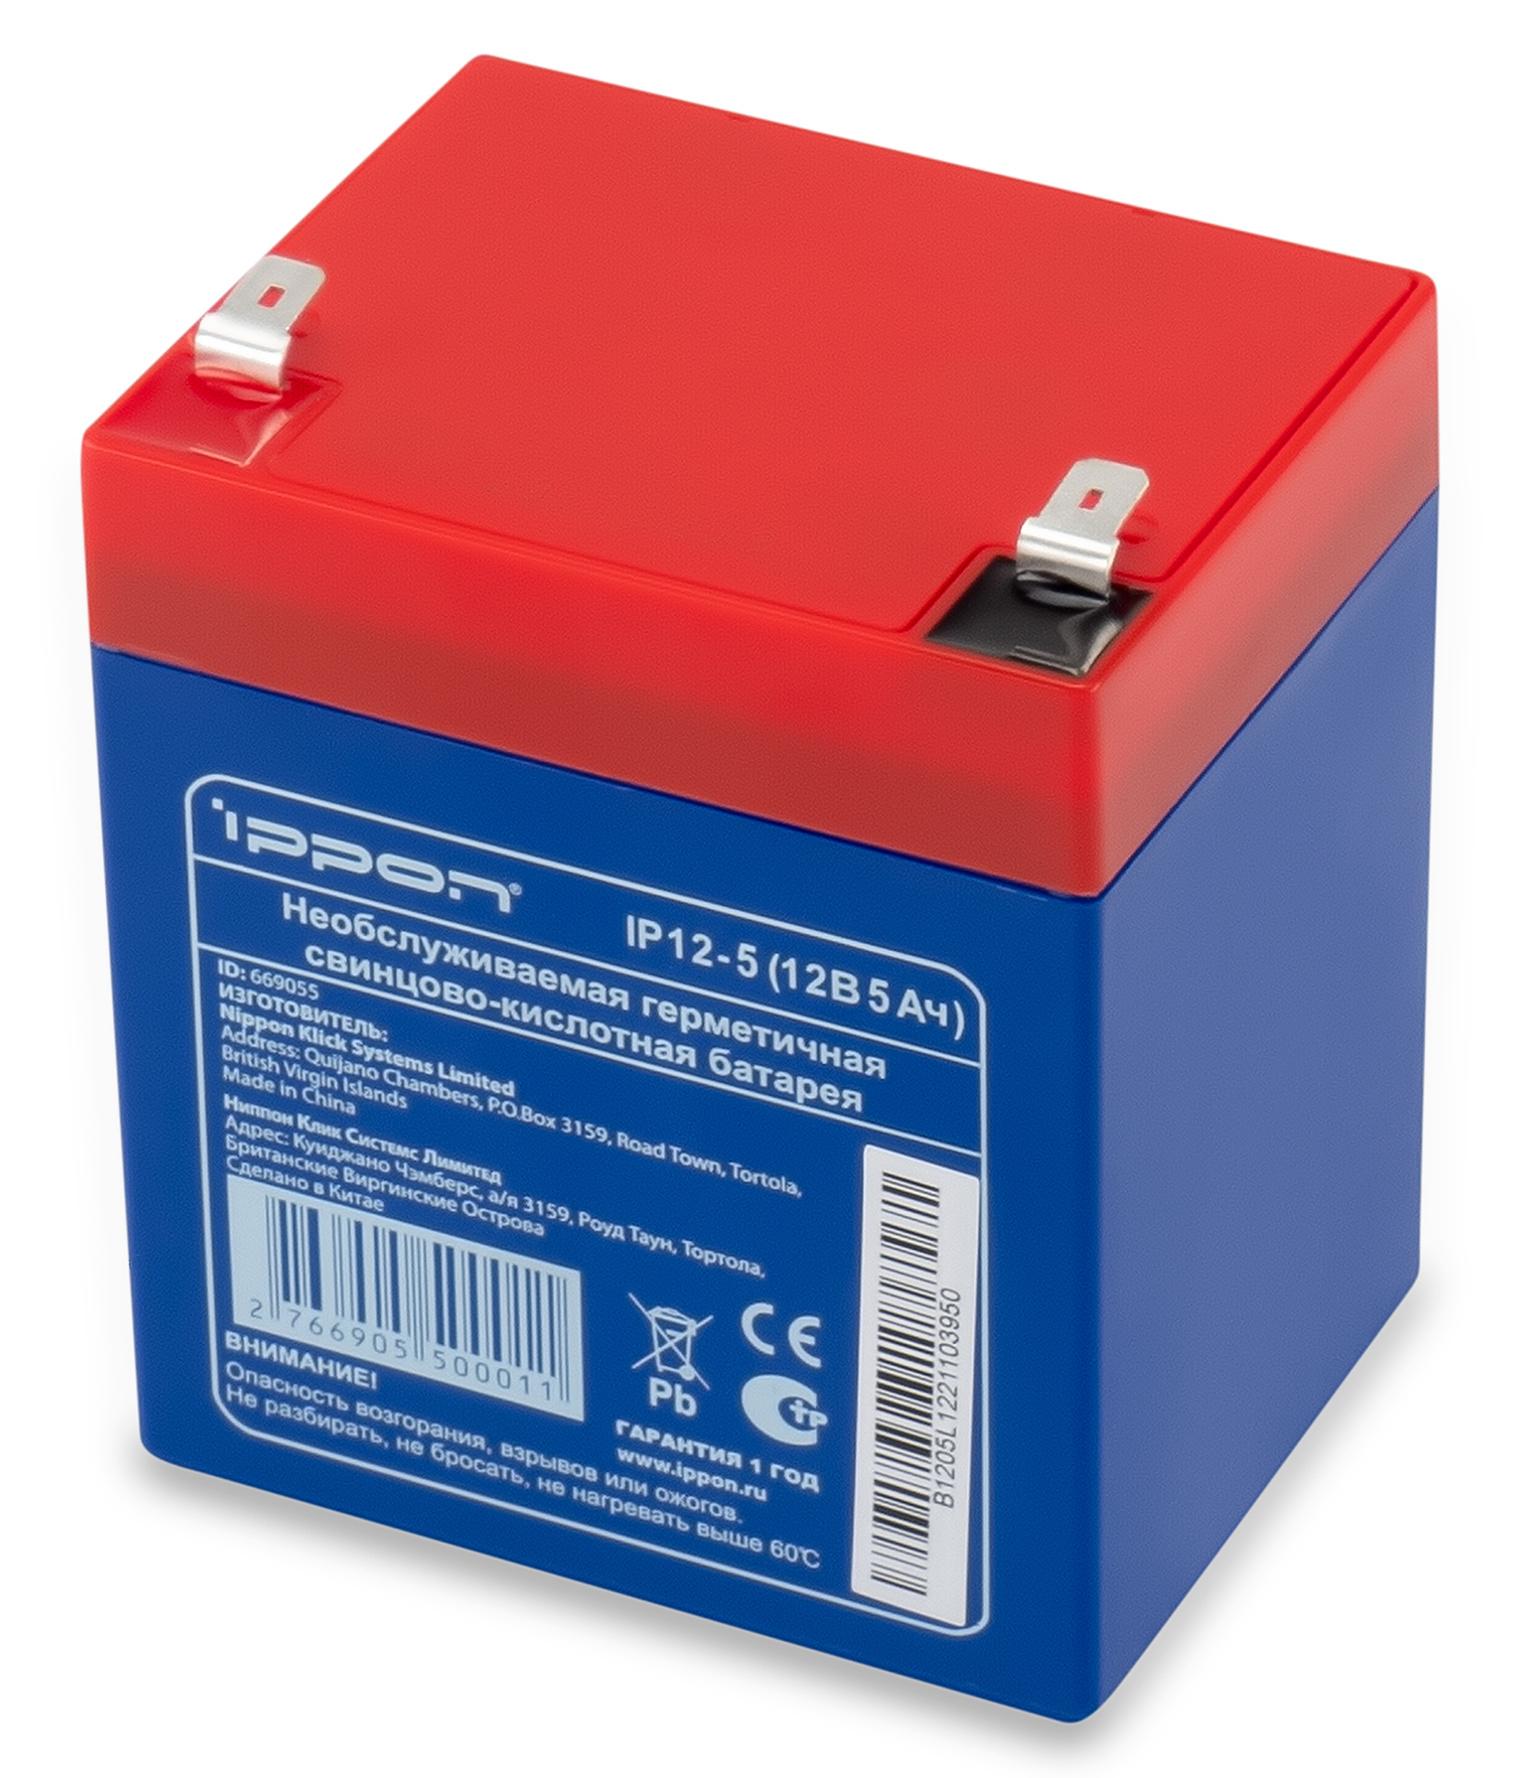 Необслуживаемая герметичная свинцово-кислотная батарея IP 12-5.4 (12В 5,4 АЧ)